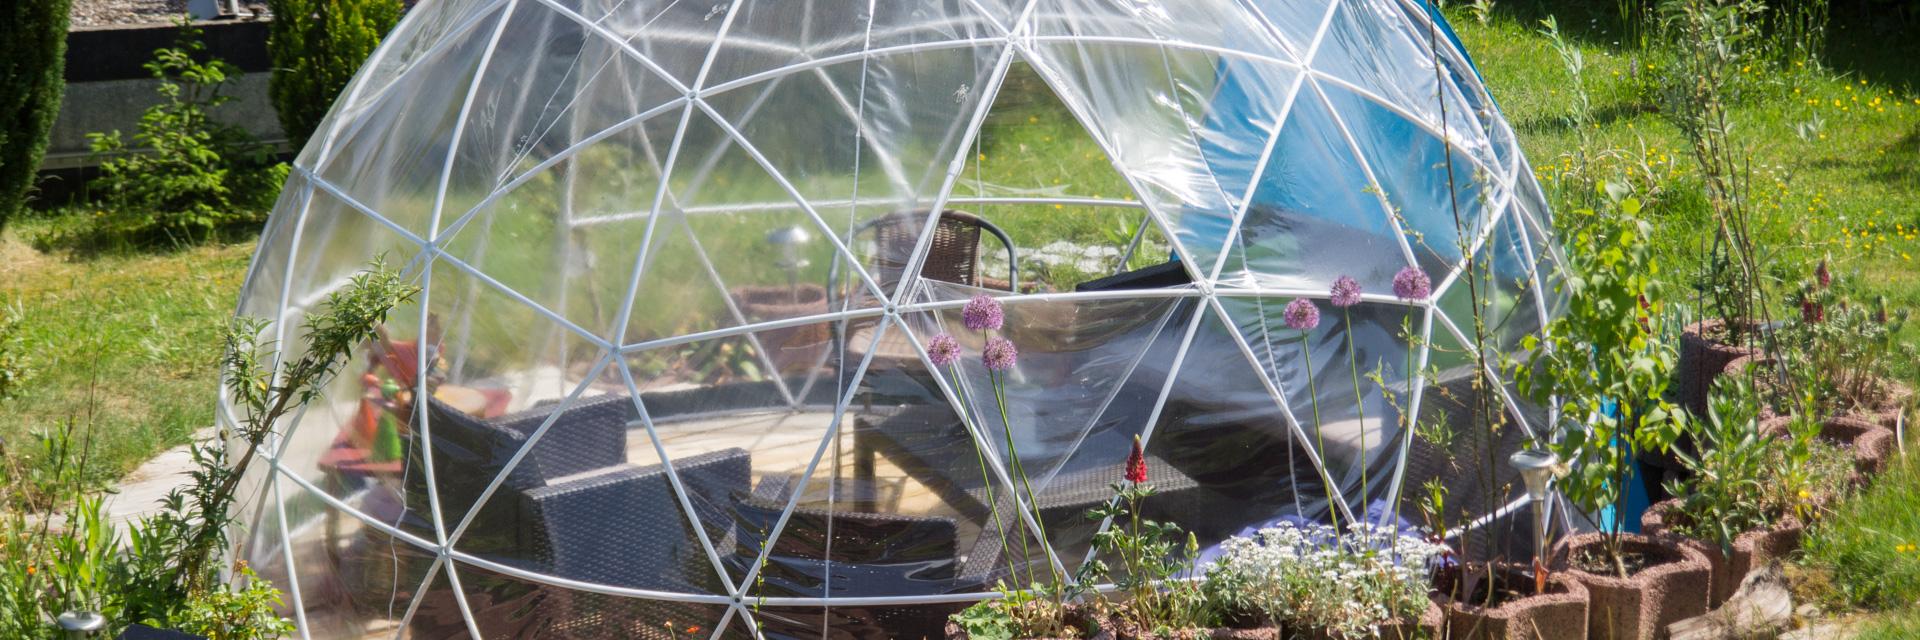 Zelt Pavillon Kaufen : Garden igloo pavillon gewächshaus techtest